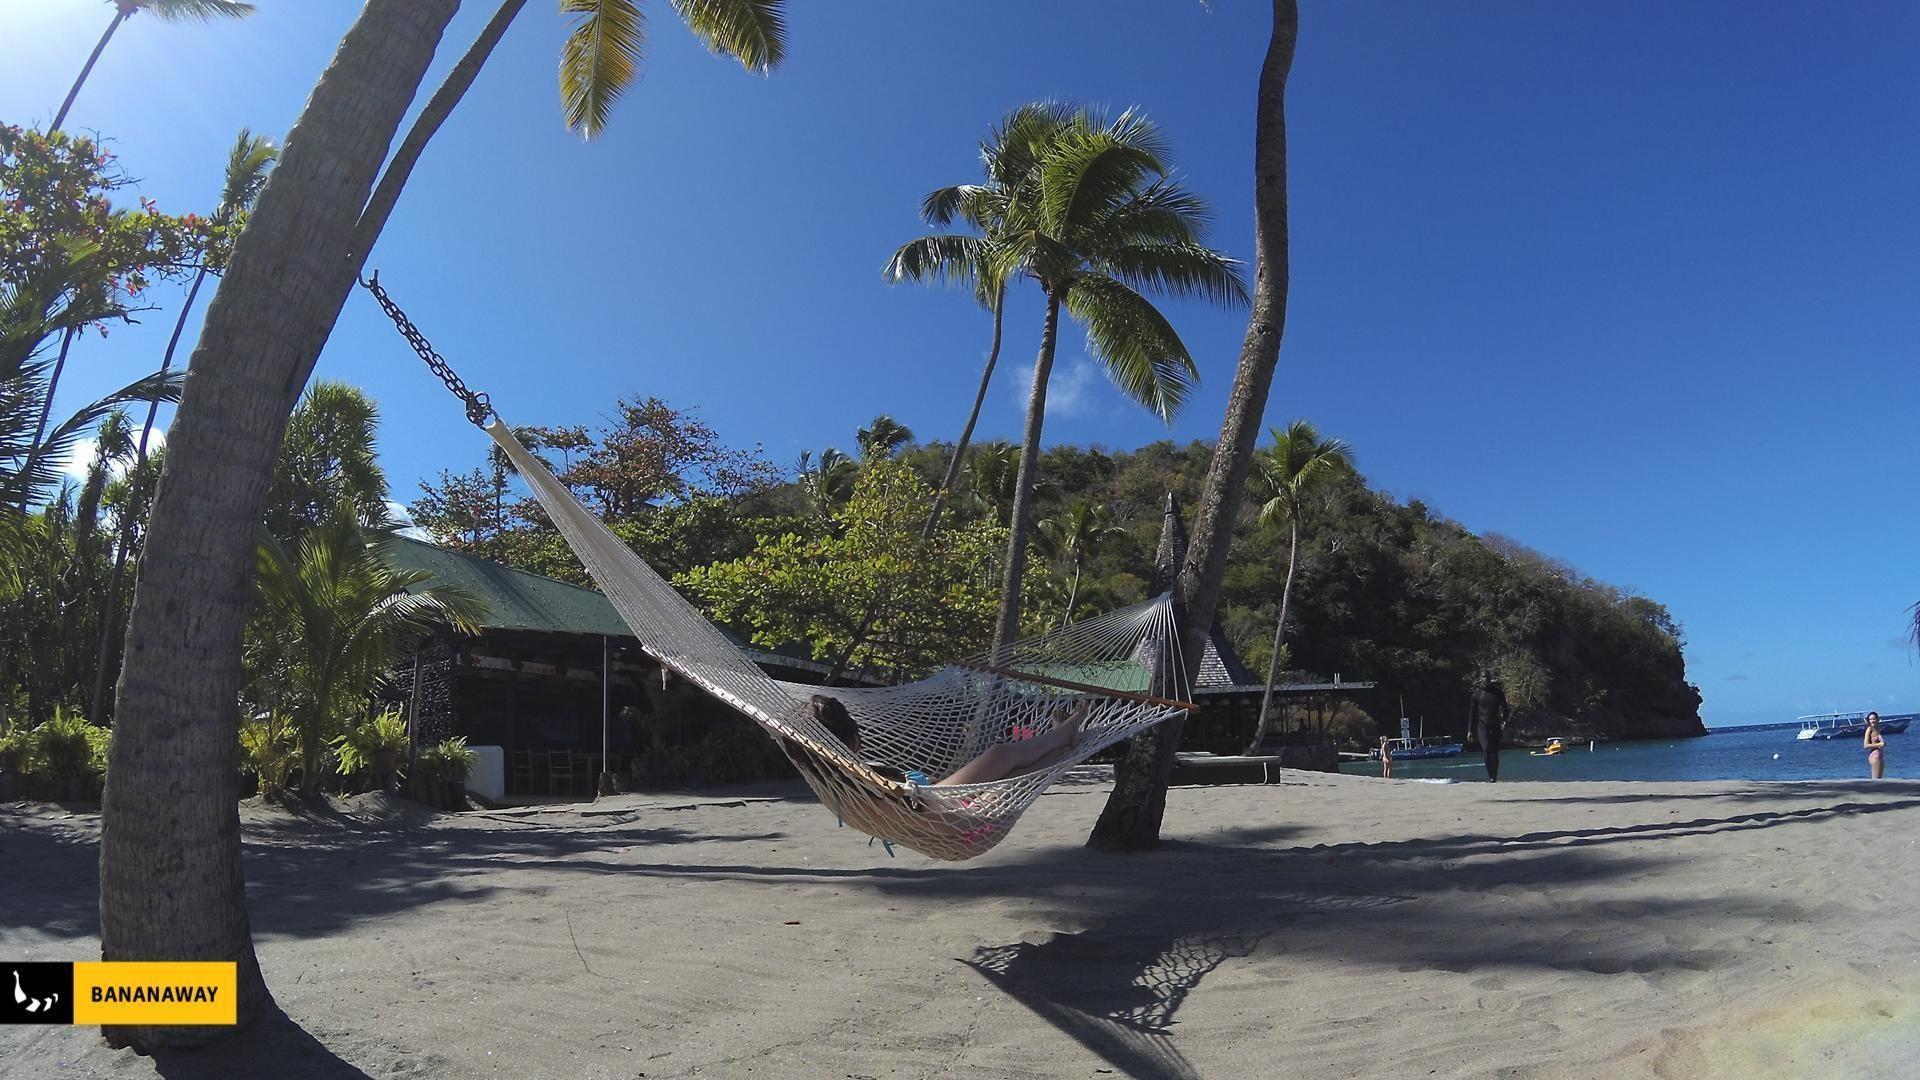 Tudi na našem kajt potovanju na Karibe smo včasih poležavali v viseči mreži.